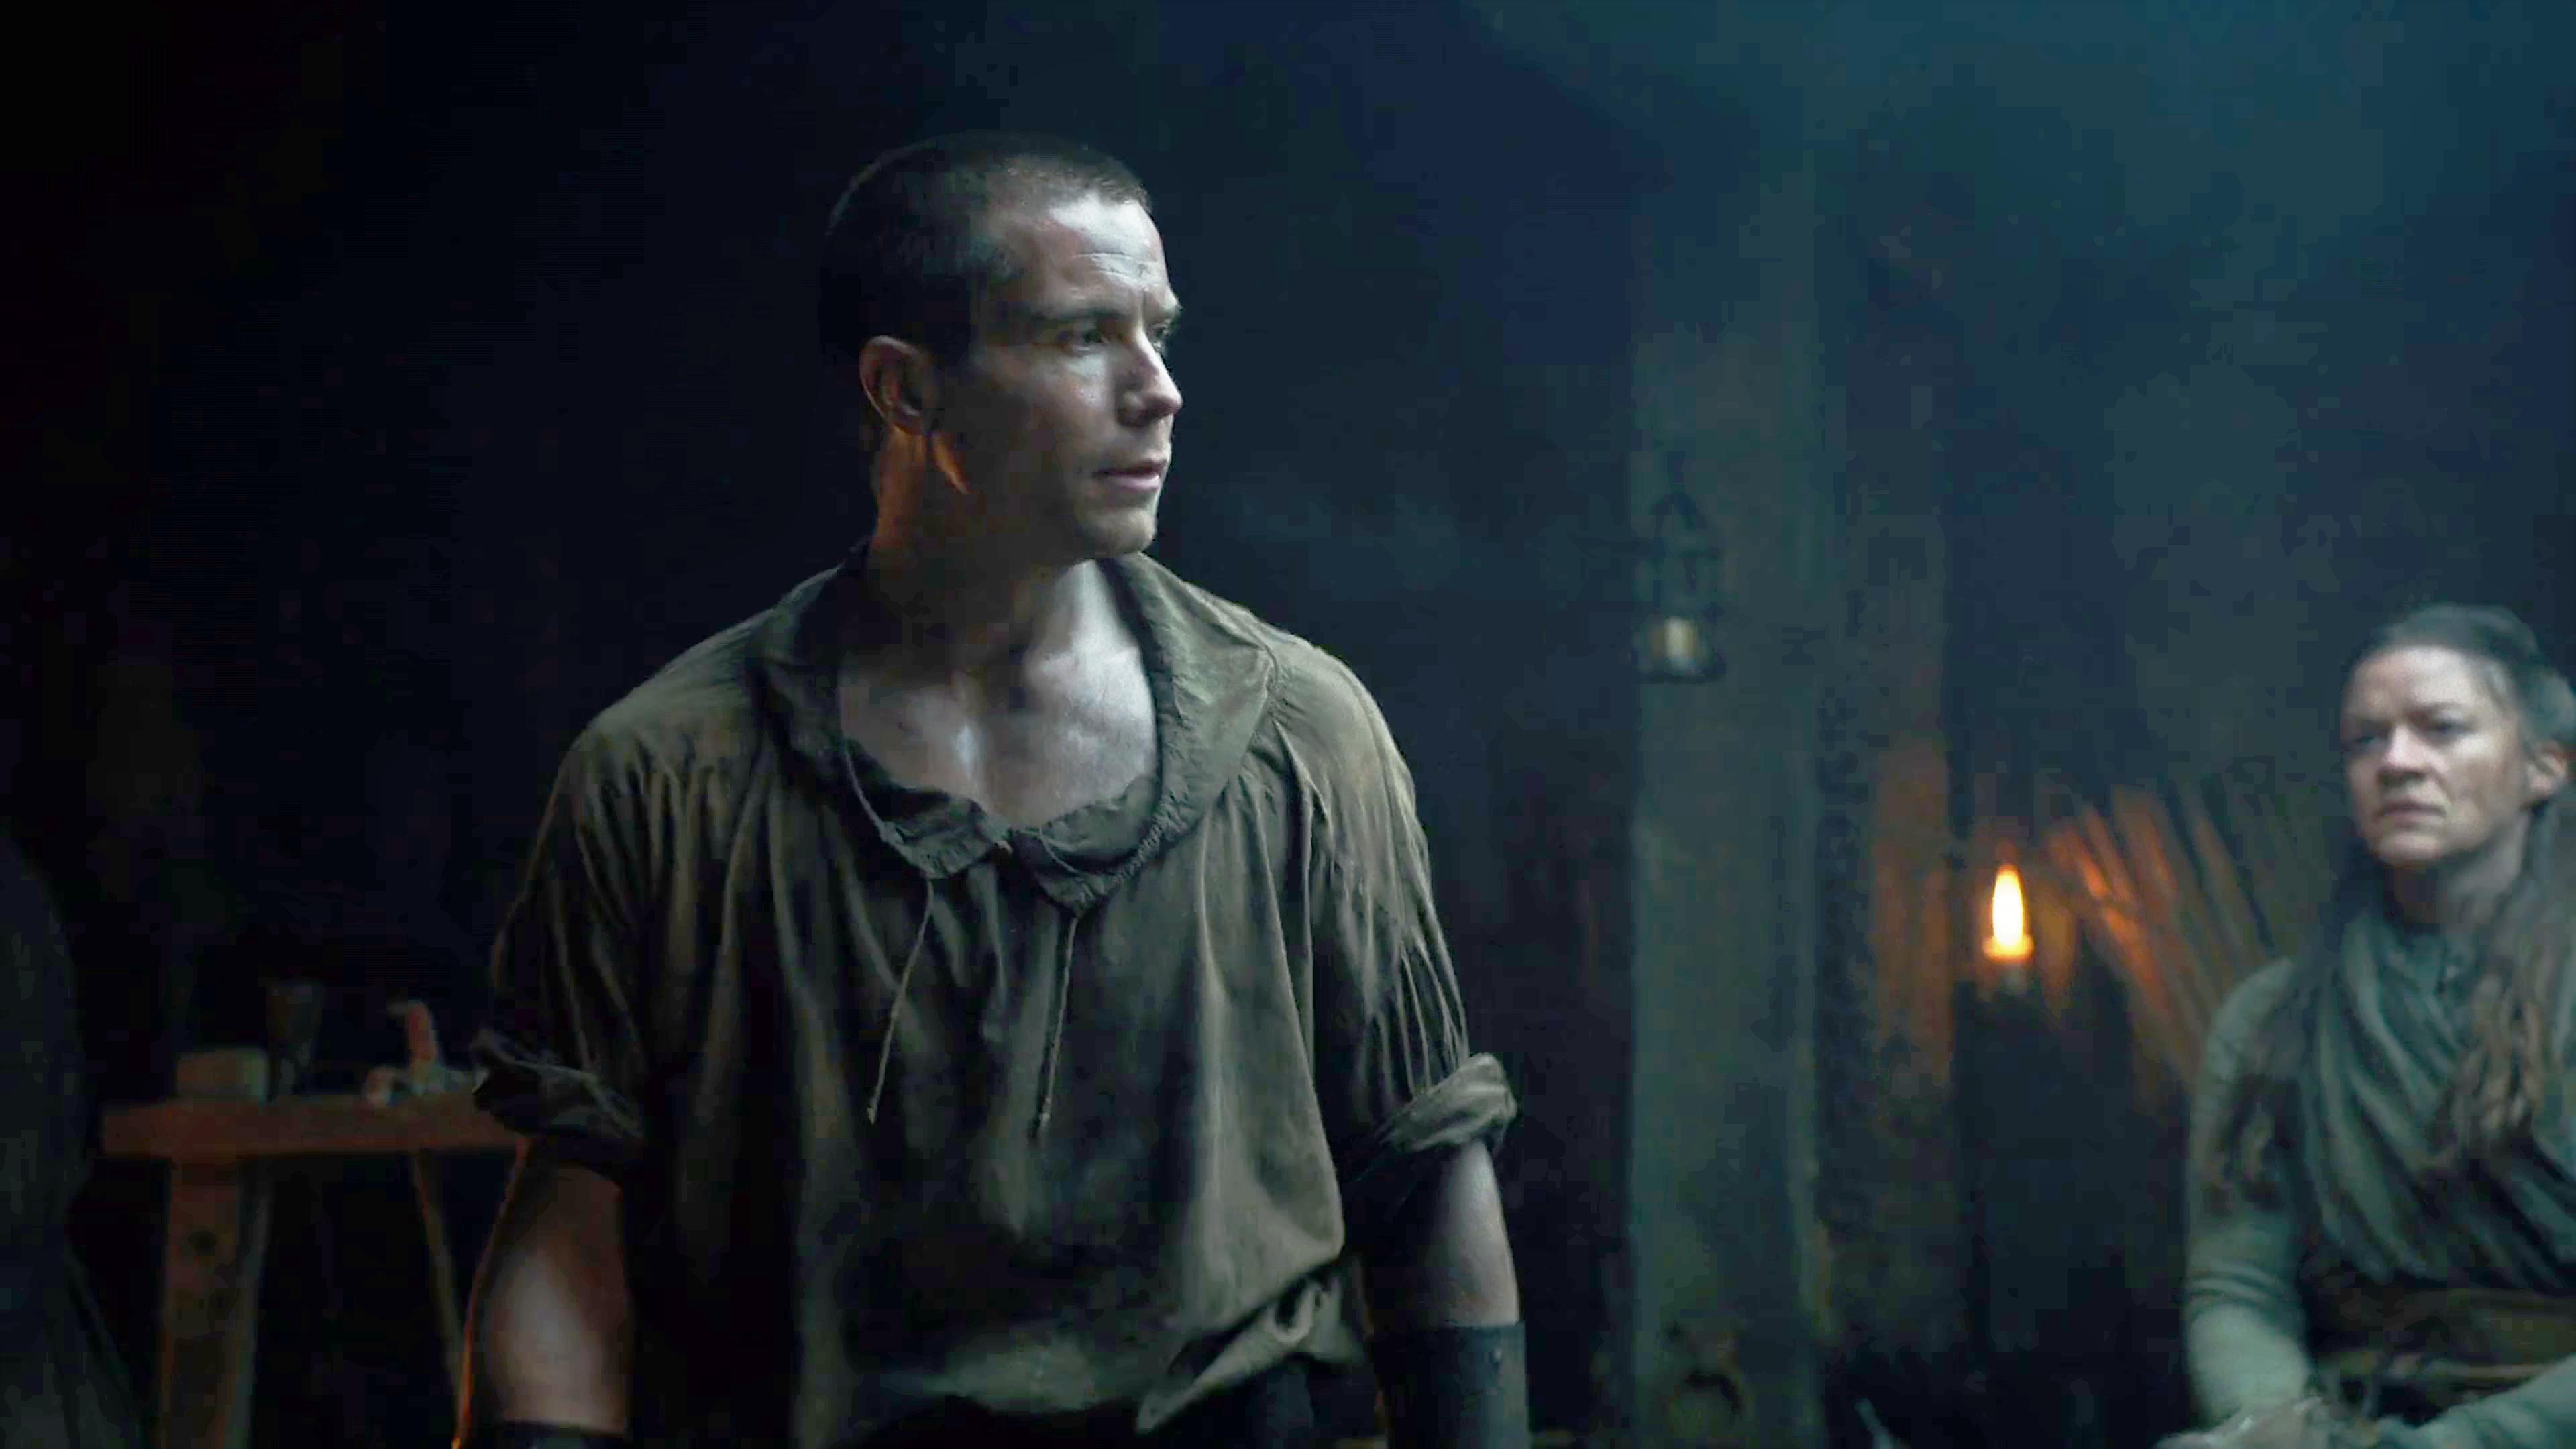 Gendry (Joe Dempsie) in the Season 8 trailer